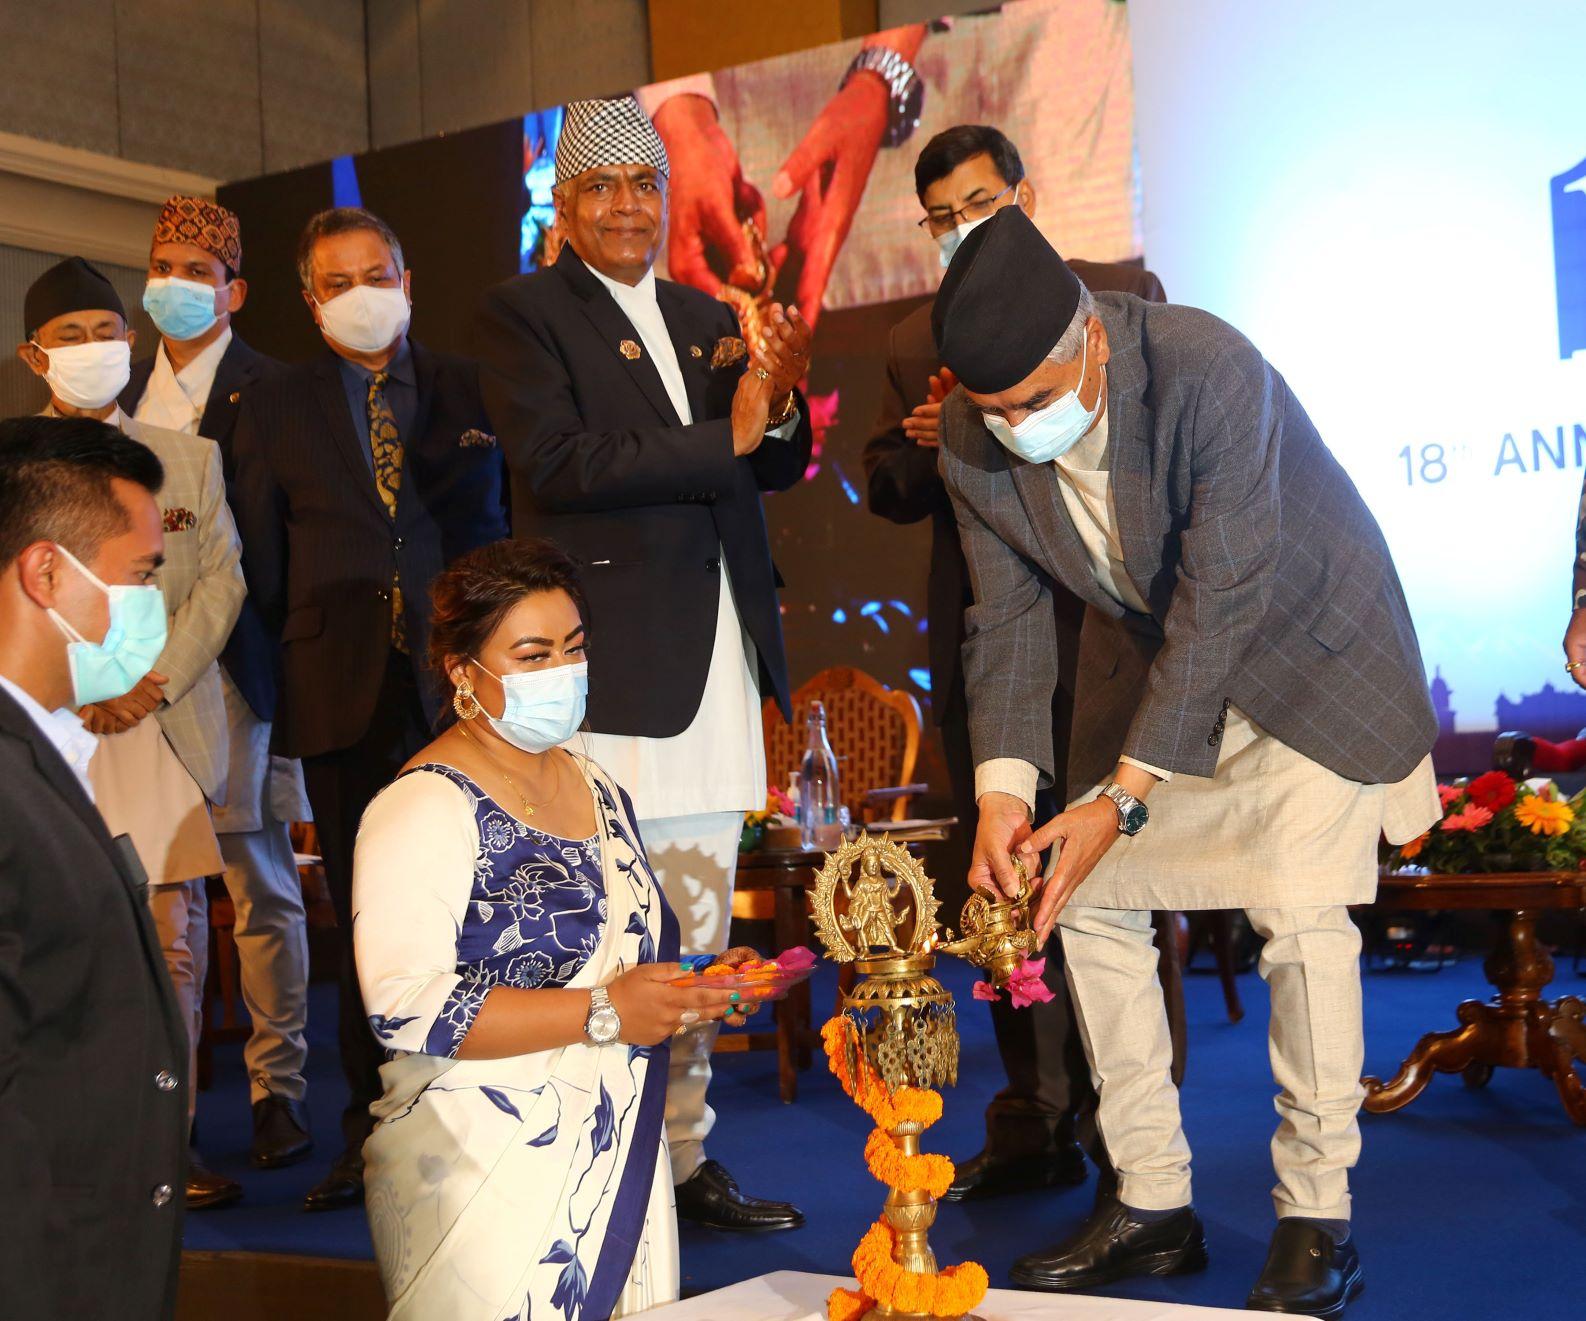 प्रधानमन्त्री शेरबहादुर देउवा नेपाल उद्योग परिसङ्घको १८ औँ वार्षिक साधारणसभाको बुधबार राजधानीमा उद्घाटन गर्दै । रोशन सापकोटा/रासस